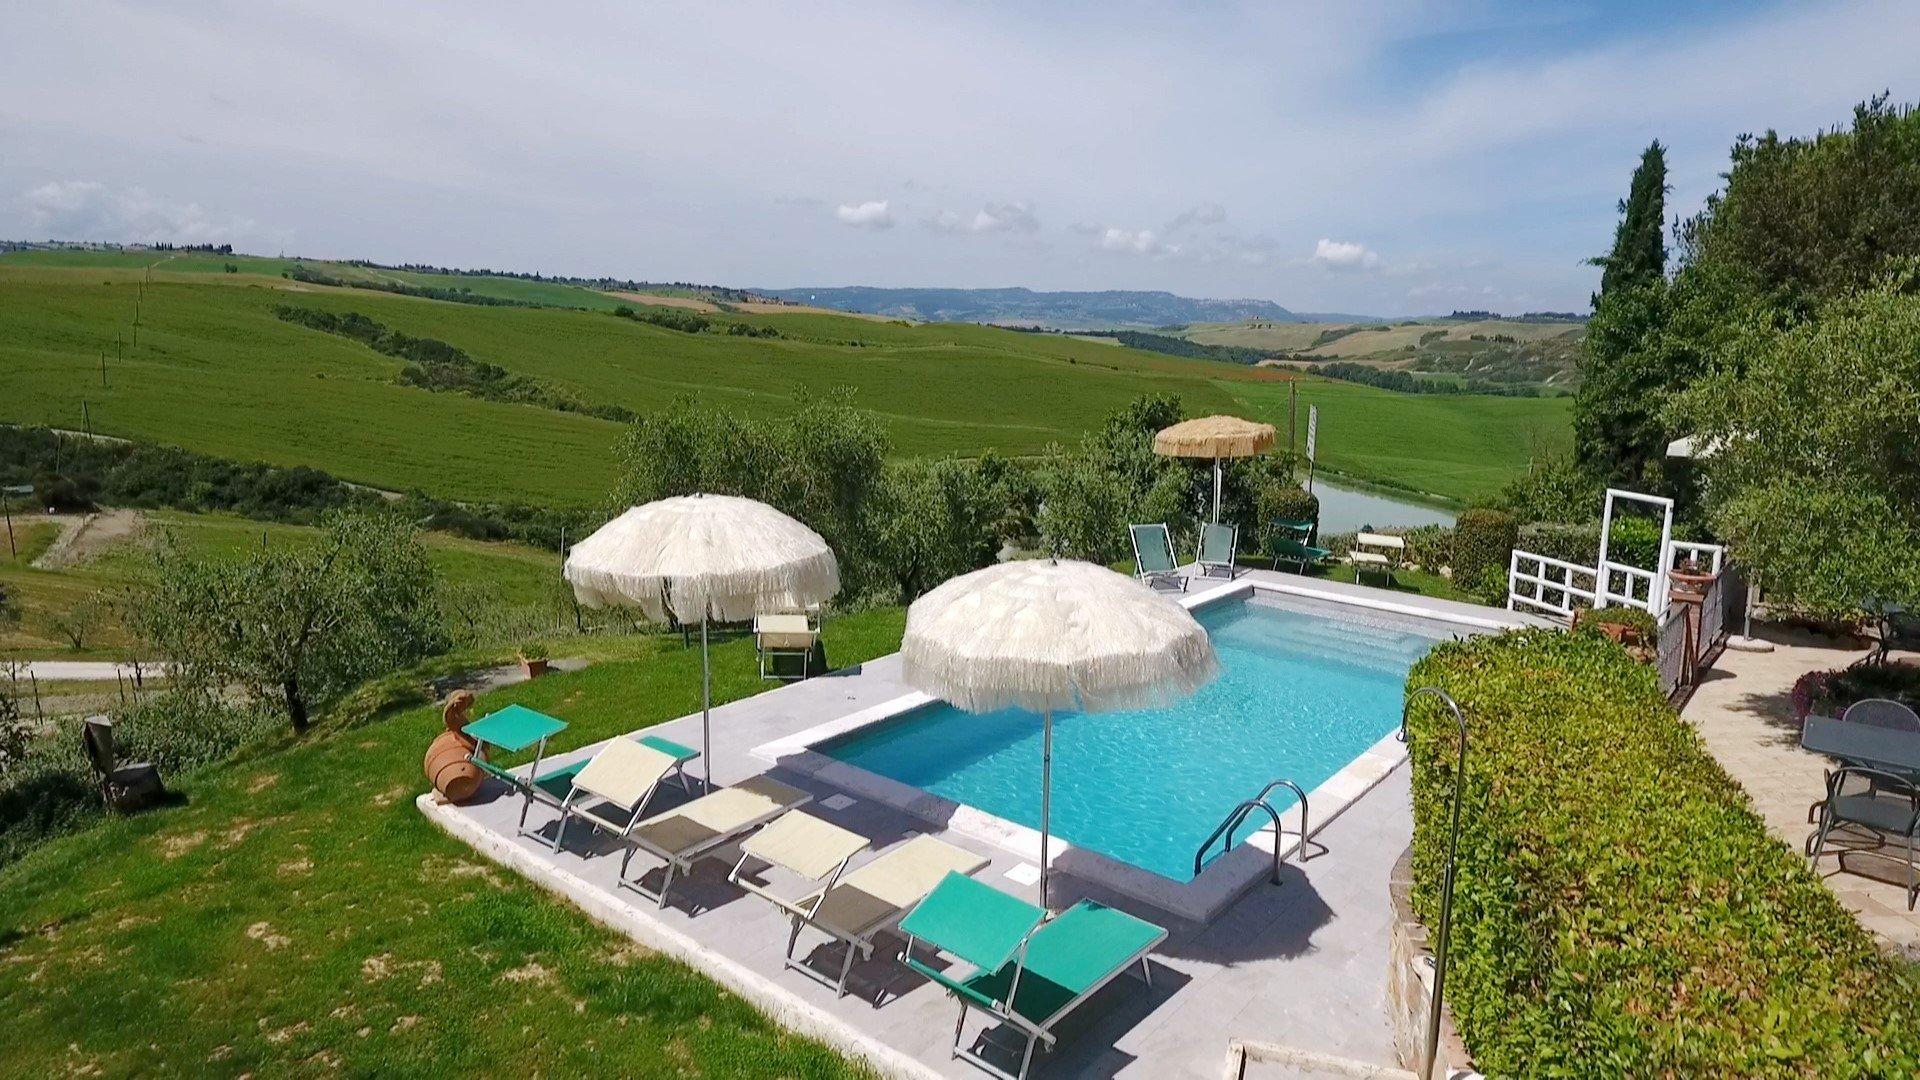 Palazzo-Conti-zwembad-parasols.jpg